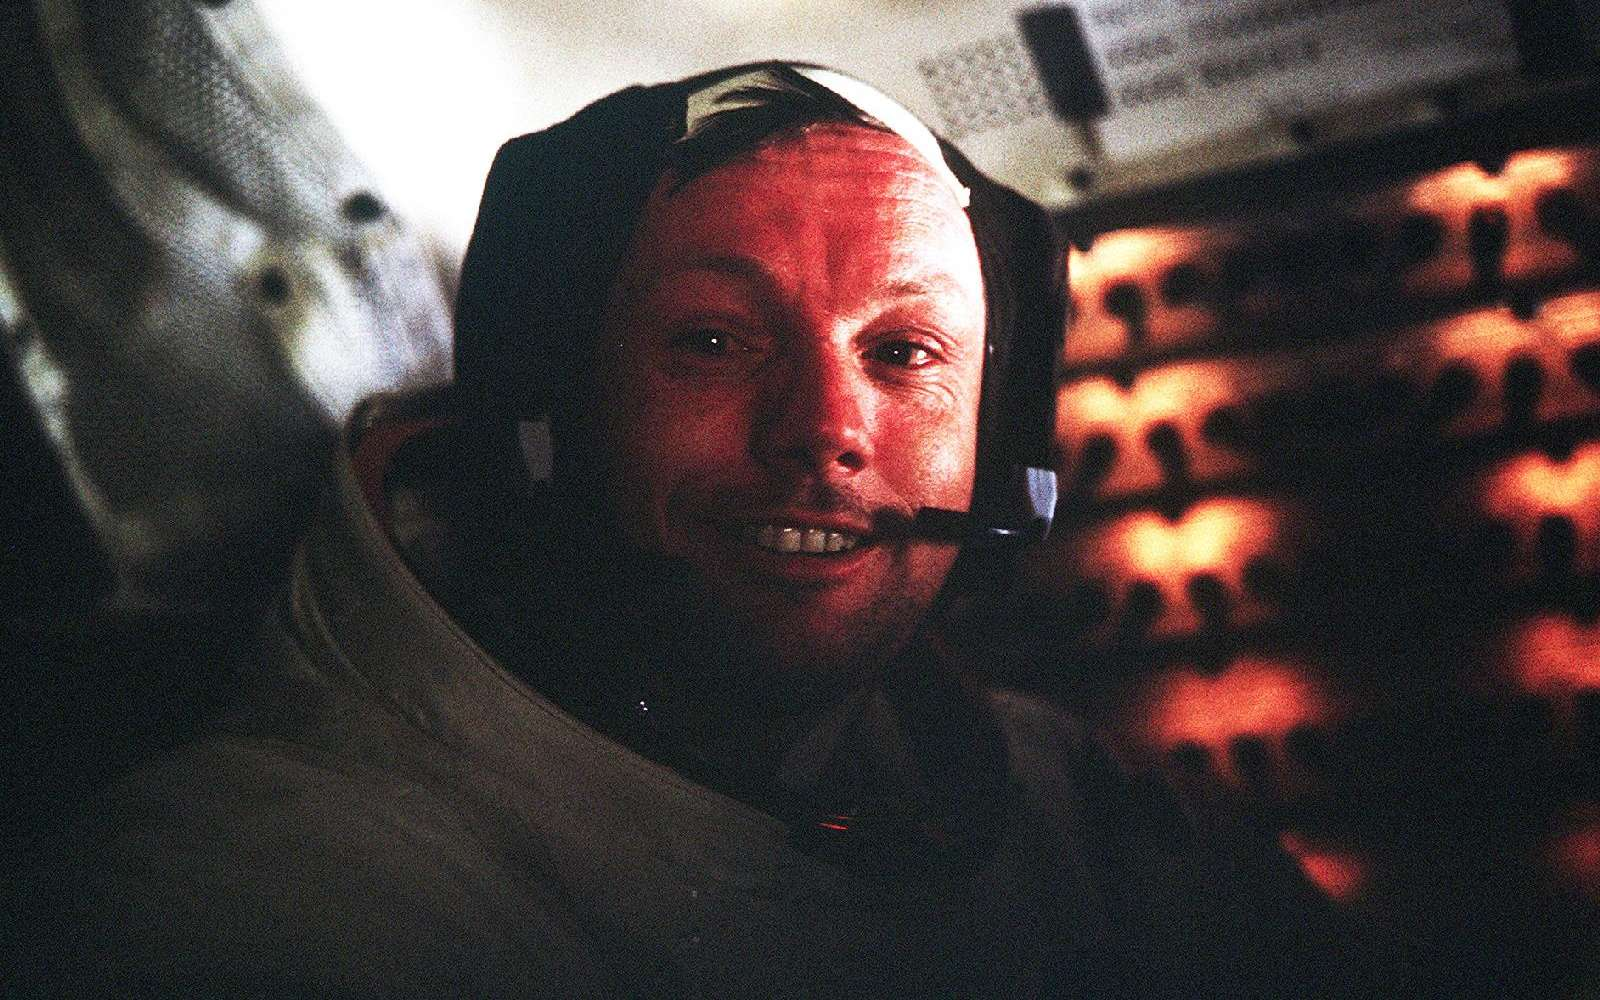 Neil Armstrong en 1969 à l'intérieur d'Apollo 11. Premier Homme qui a marché sur la Lune, il est donc décédé le 25 août 2012 des suites d'une opération du cœur. © Nasa